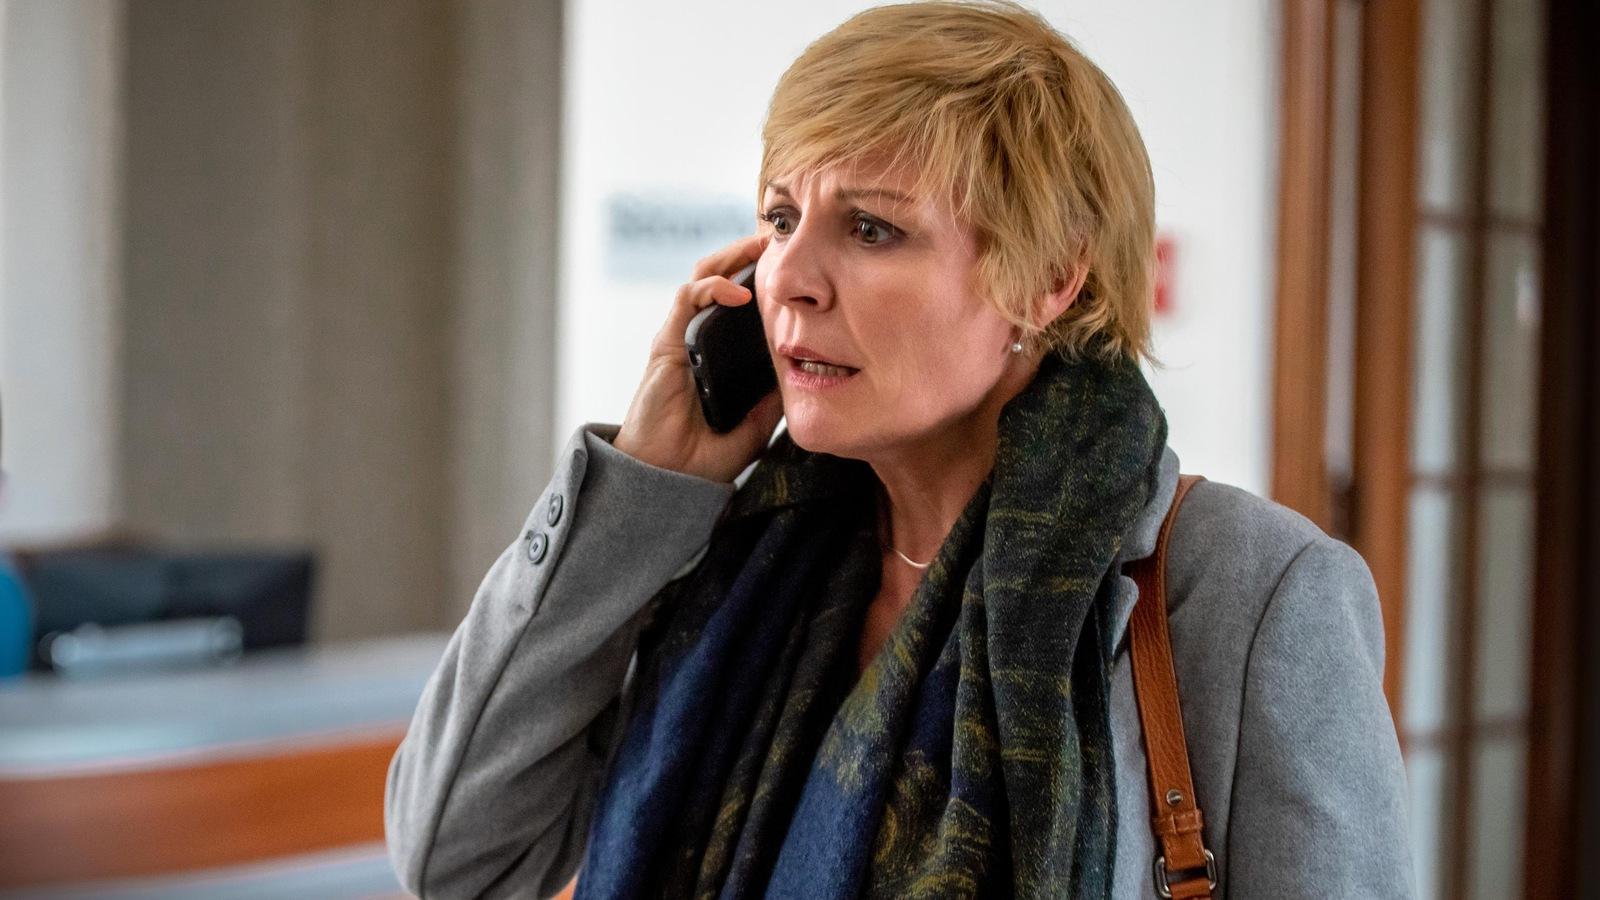 Louise parle au téléphone.